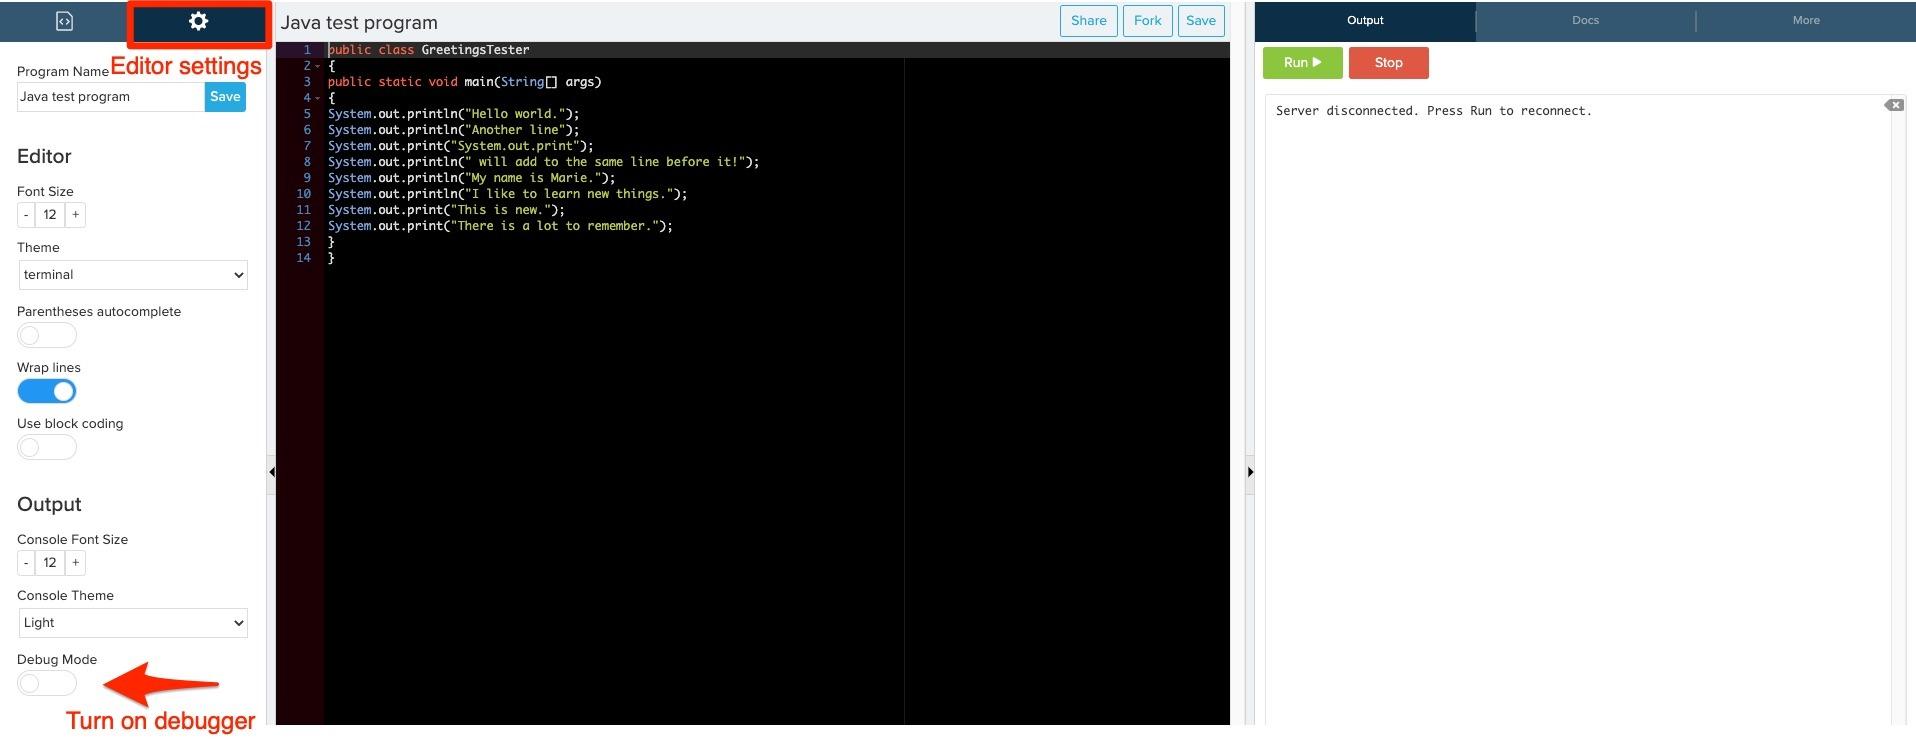 Image showing editor settings and debug mode